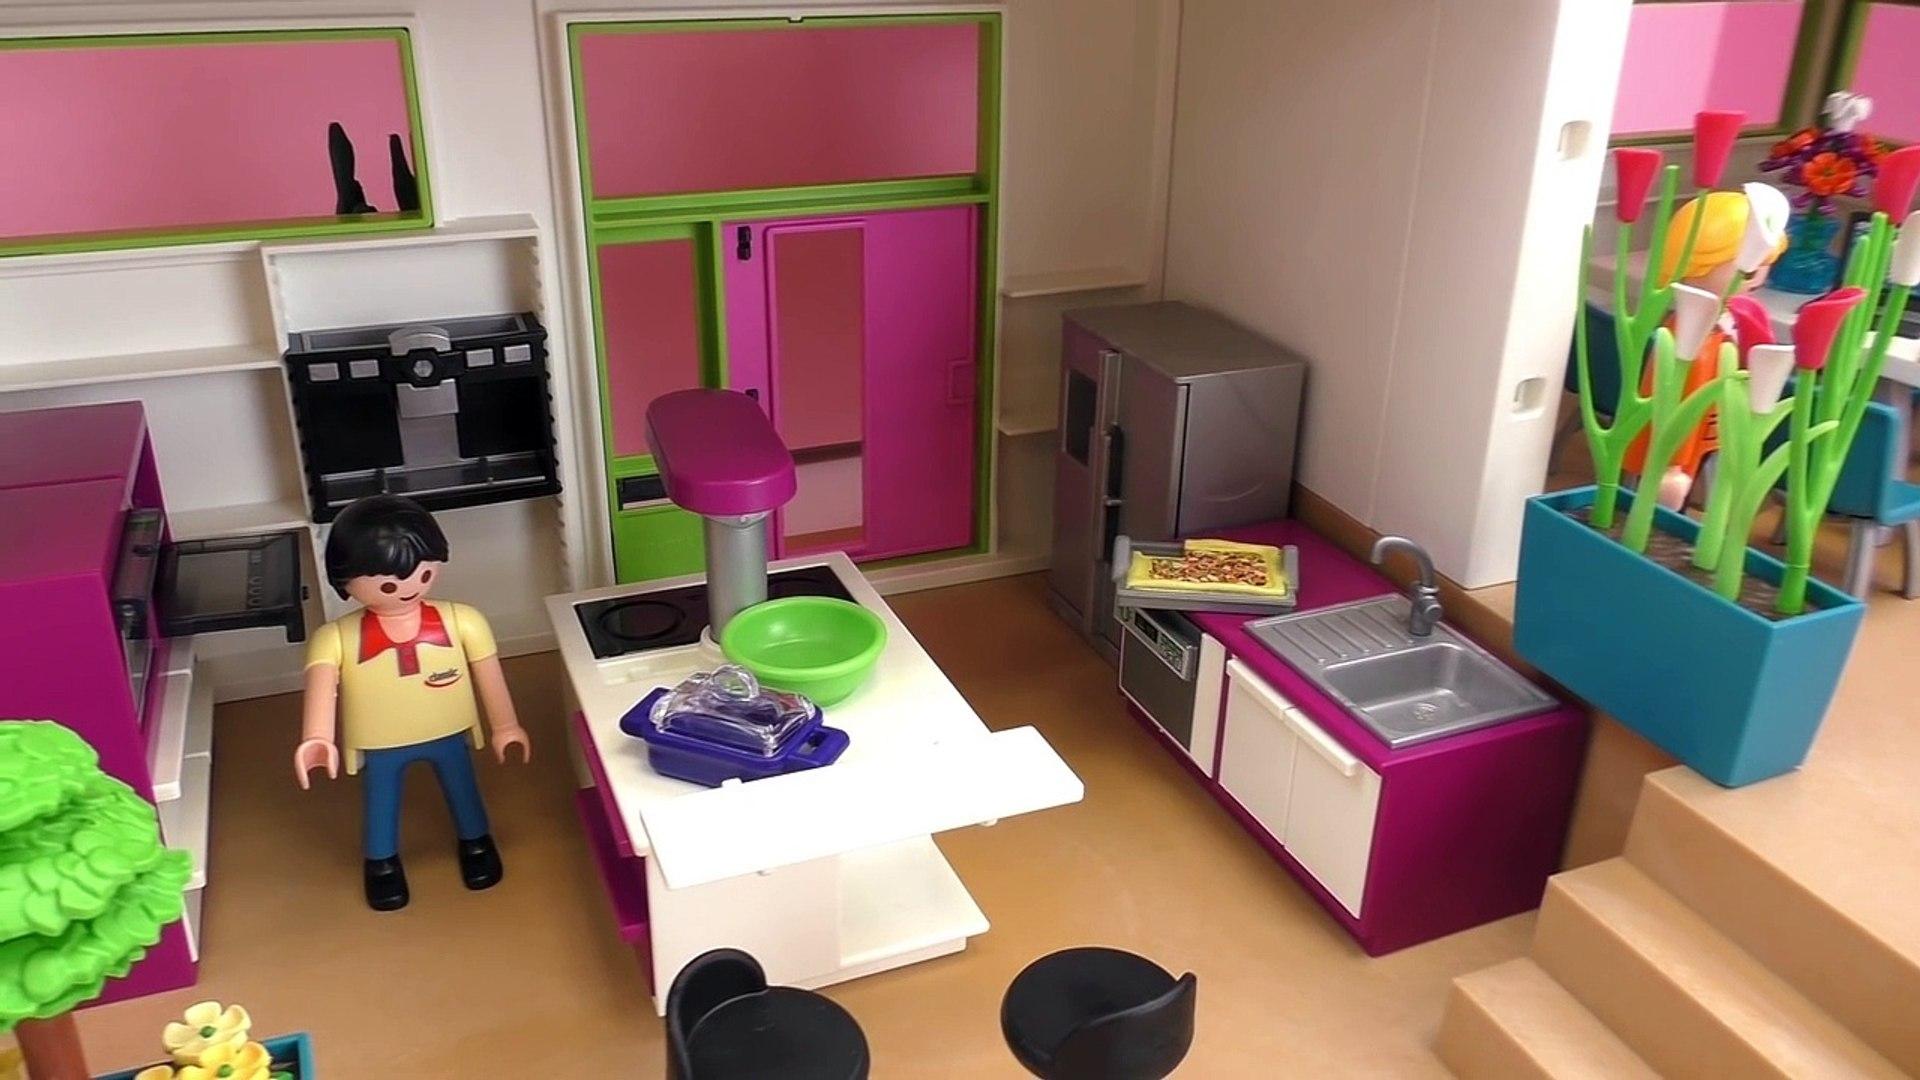 Playmobil Luxusvilla Playmobil - mit Pool, Küche, Badezimer, Kinderzimmer,  Wohnzimmer